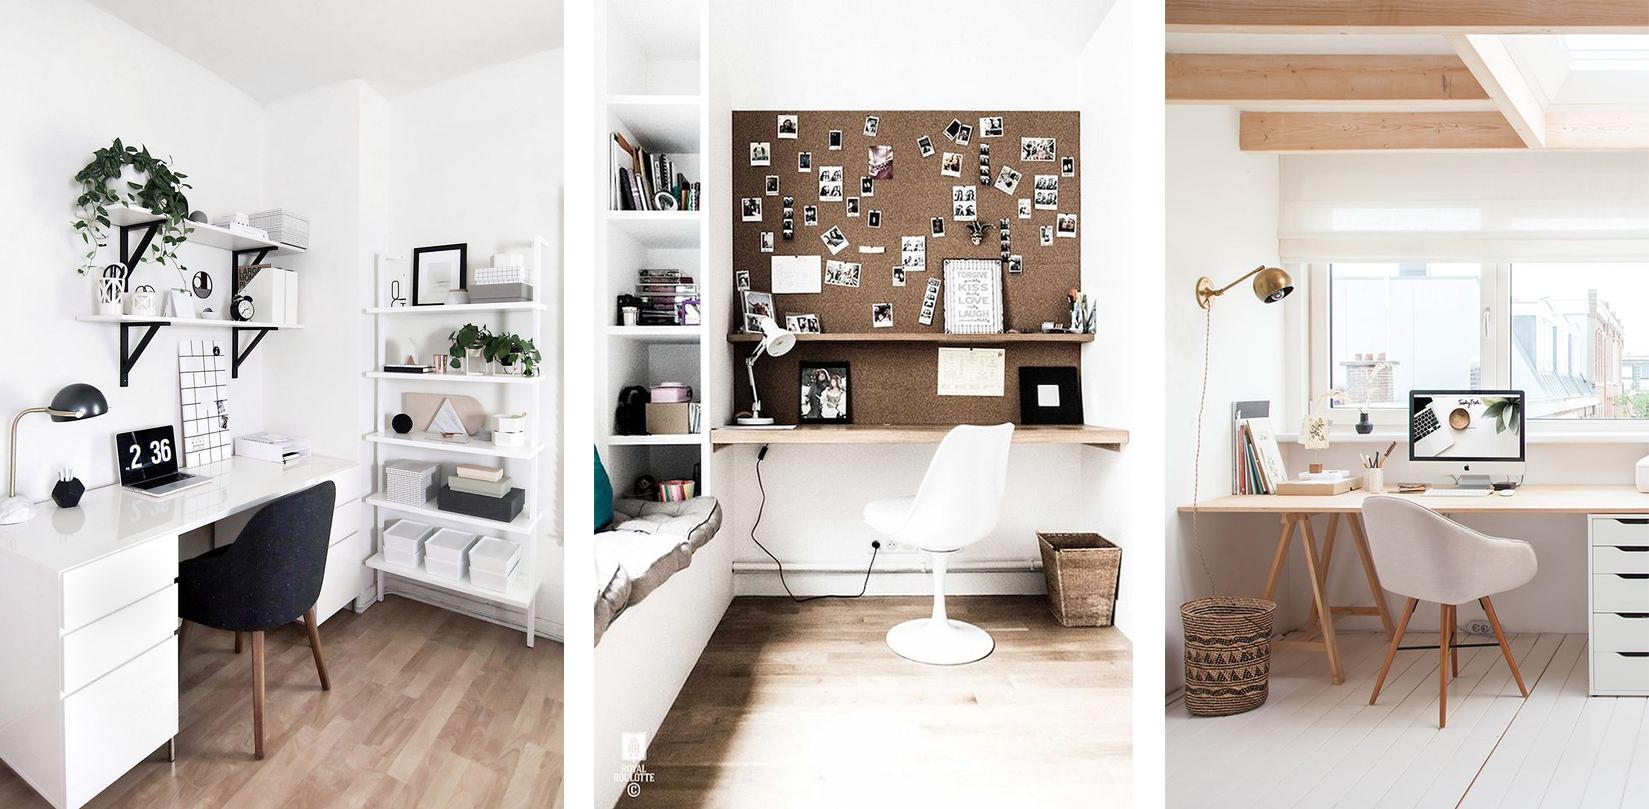 Inspircija-poke-pisarna-notranje oblikovanje.jpg